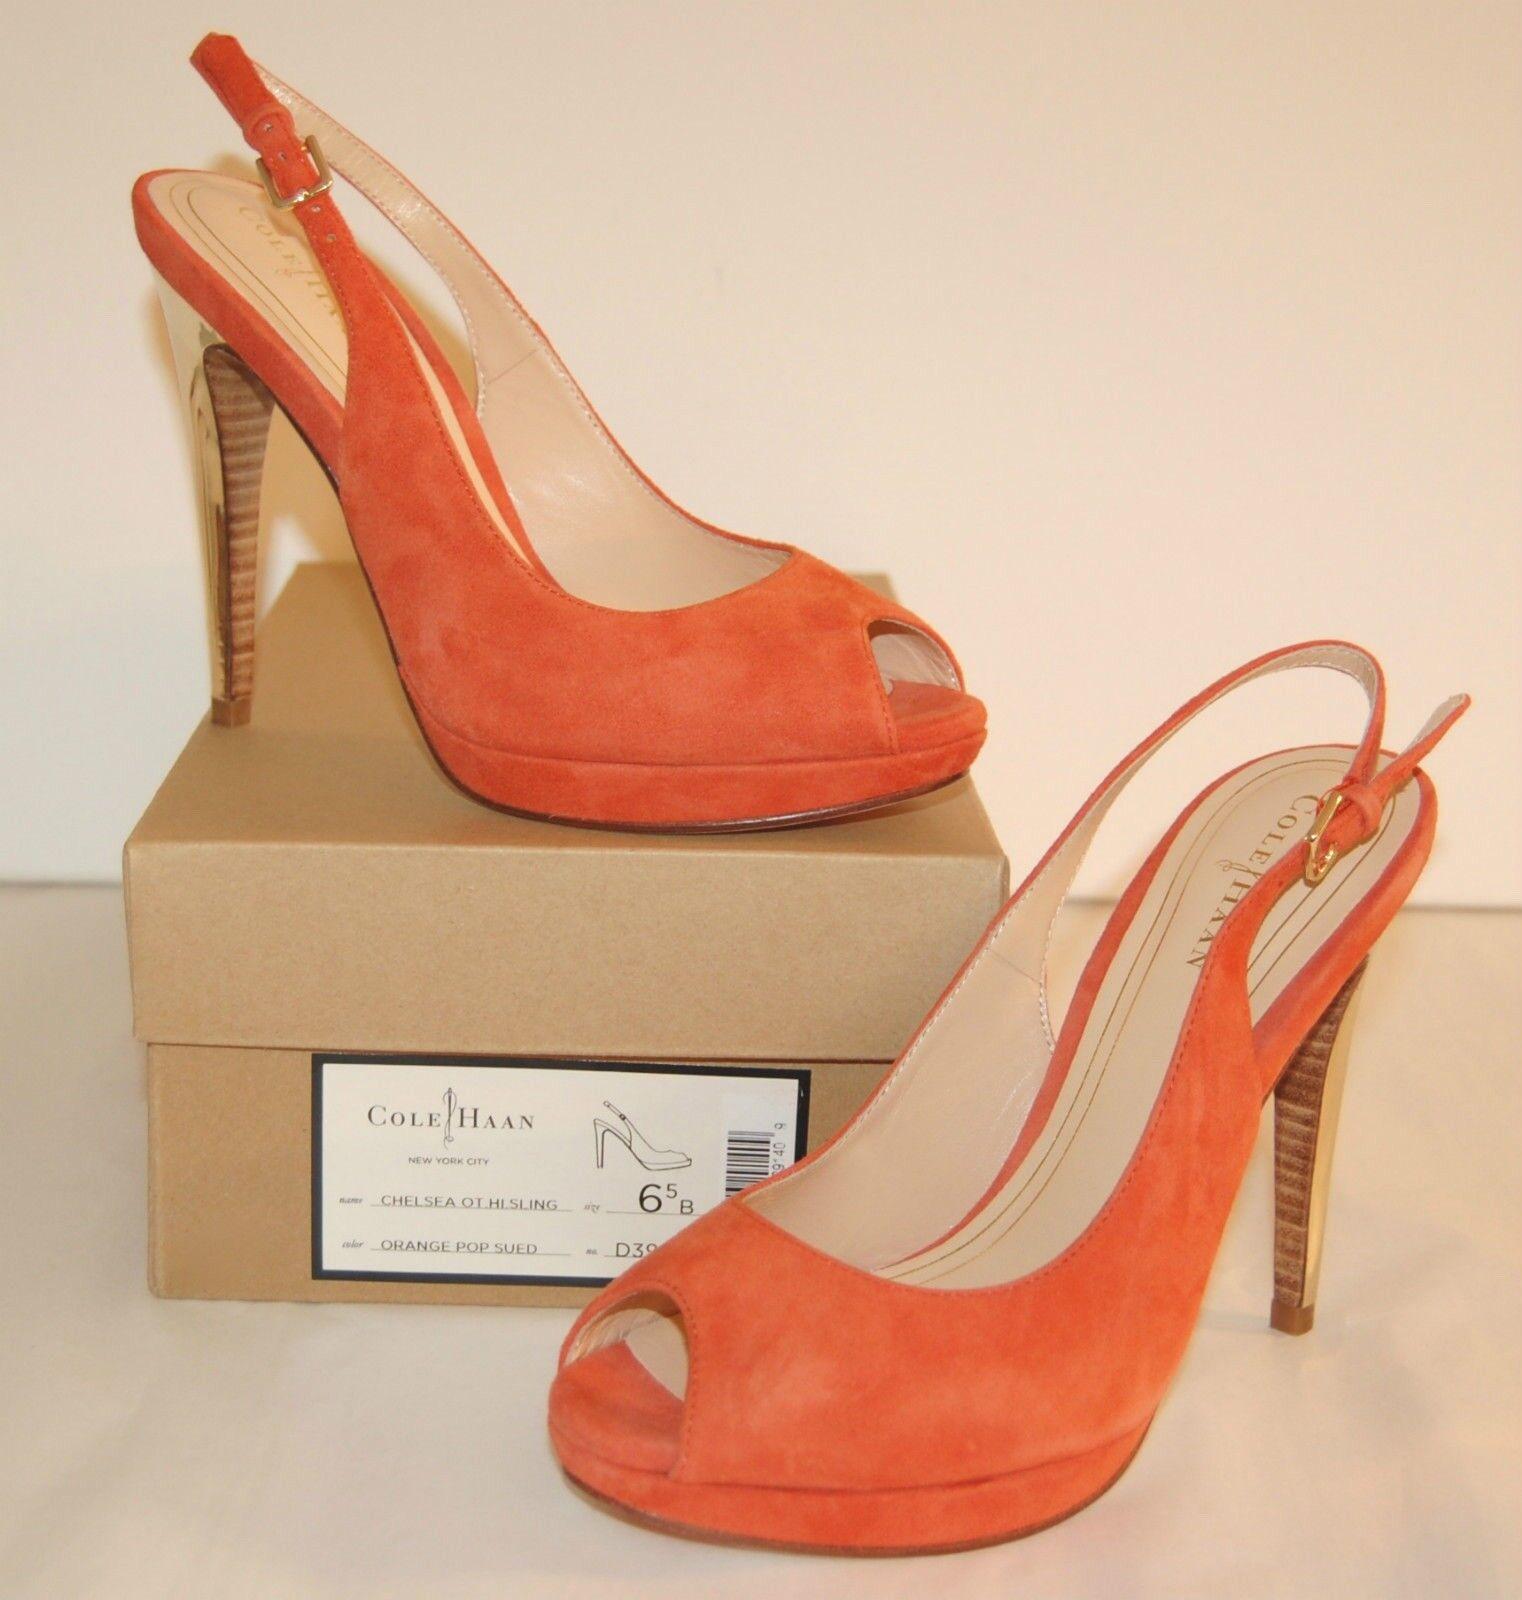 New  298 Cole Haan Nike Air Chelsea OT Hi Slingback PeepToe orange Pop Suede lot